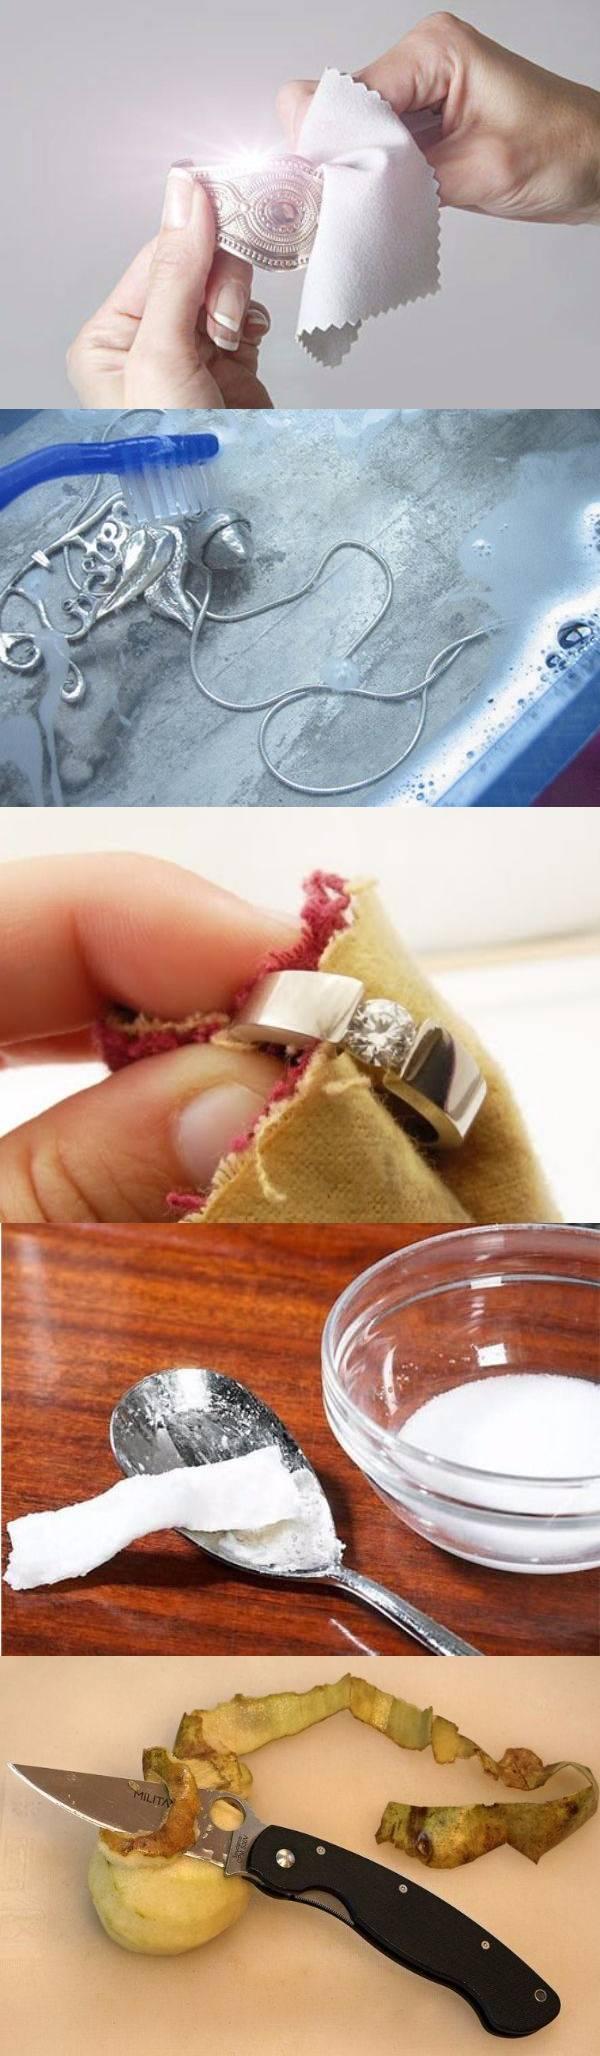 20 способов чистки ювелирных украшений